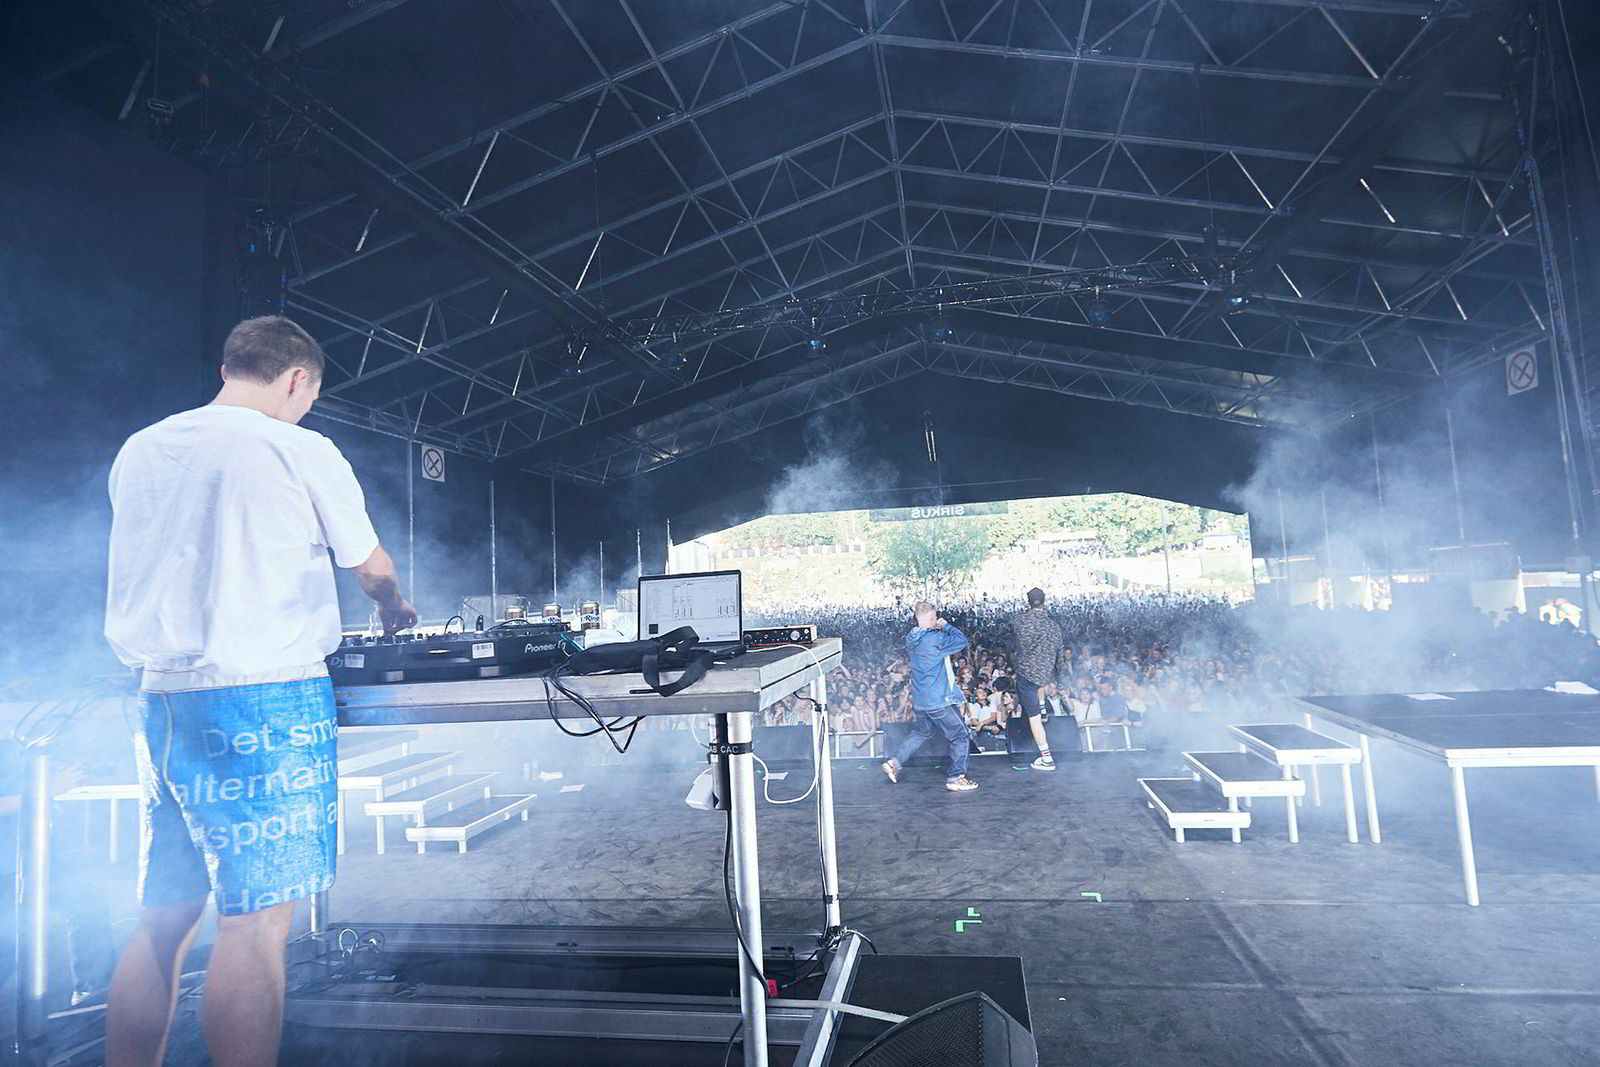 Produsenten Mathias Humlen (Fakethias) styrer musikken, mens Emir Hindic (Onge Sushimane) og Kristoffer Uthaug (Kobe) skriker seg gjennom den 50 minutter lange konserten på Øyafestivalen.